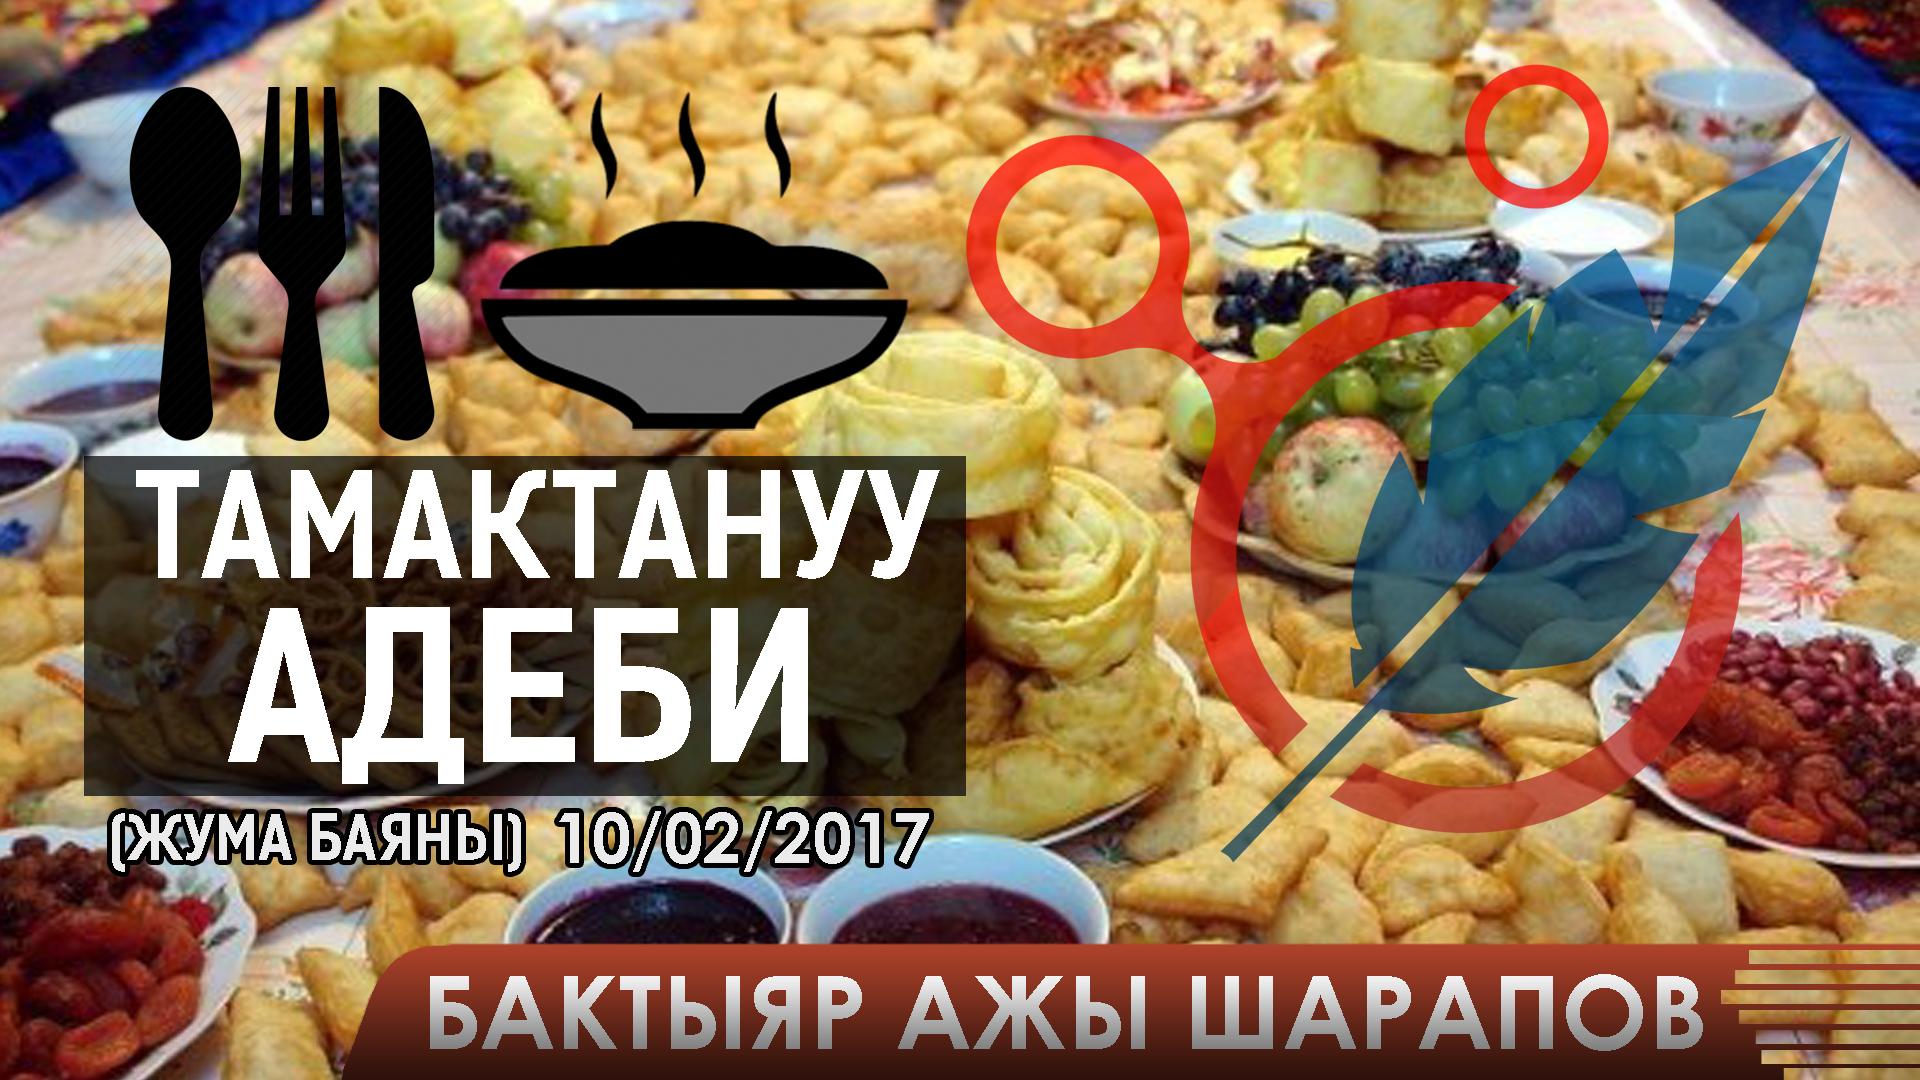 Photo of Тамактануу адеби. Бактыяр ажы Шарапов / Жума баяны 10.02.2017